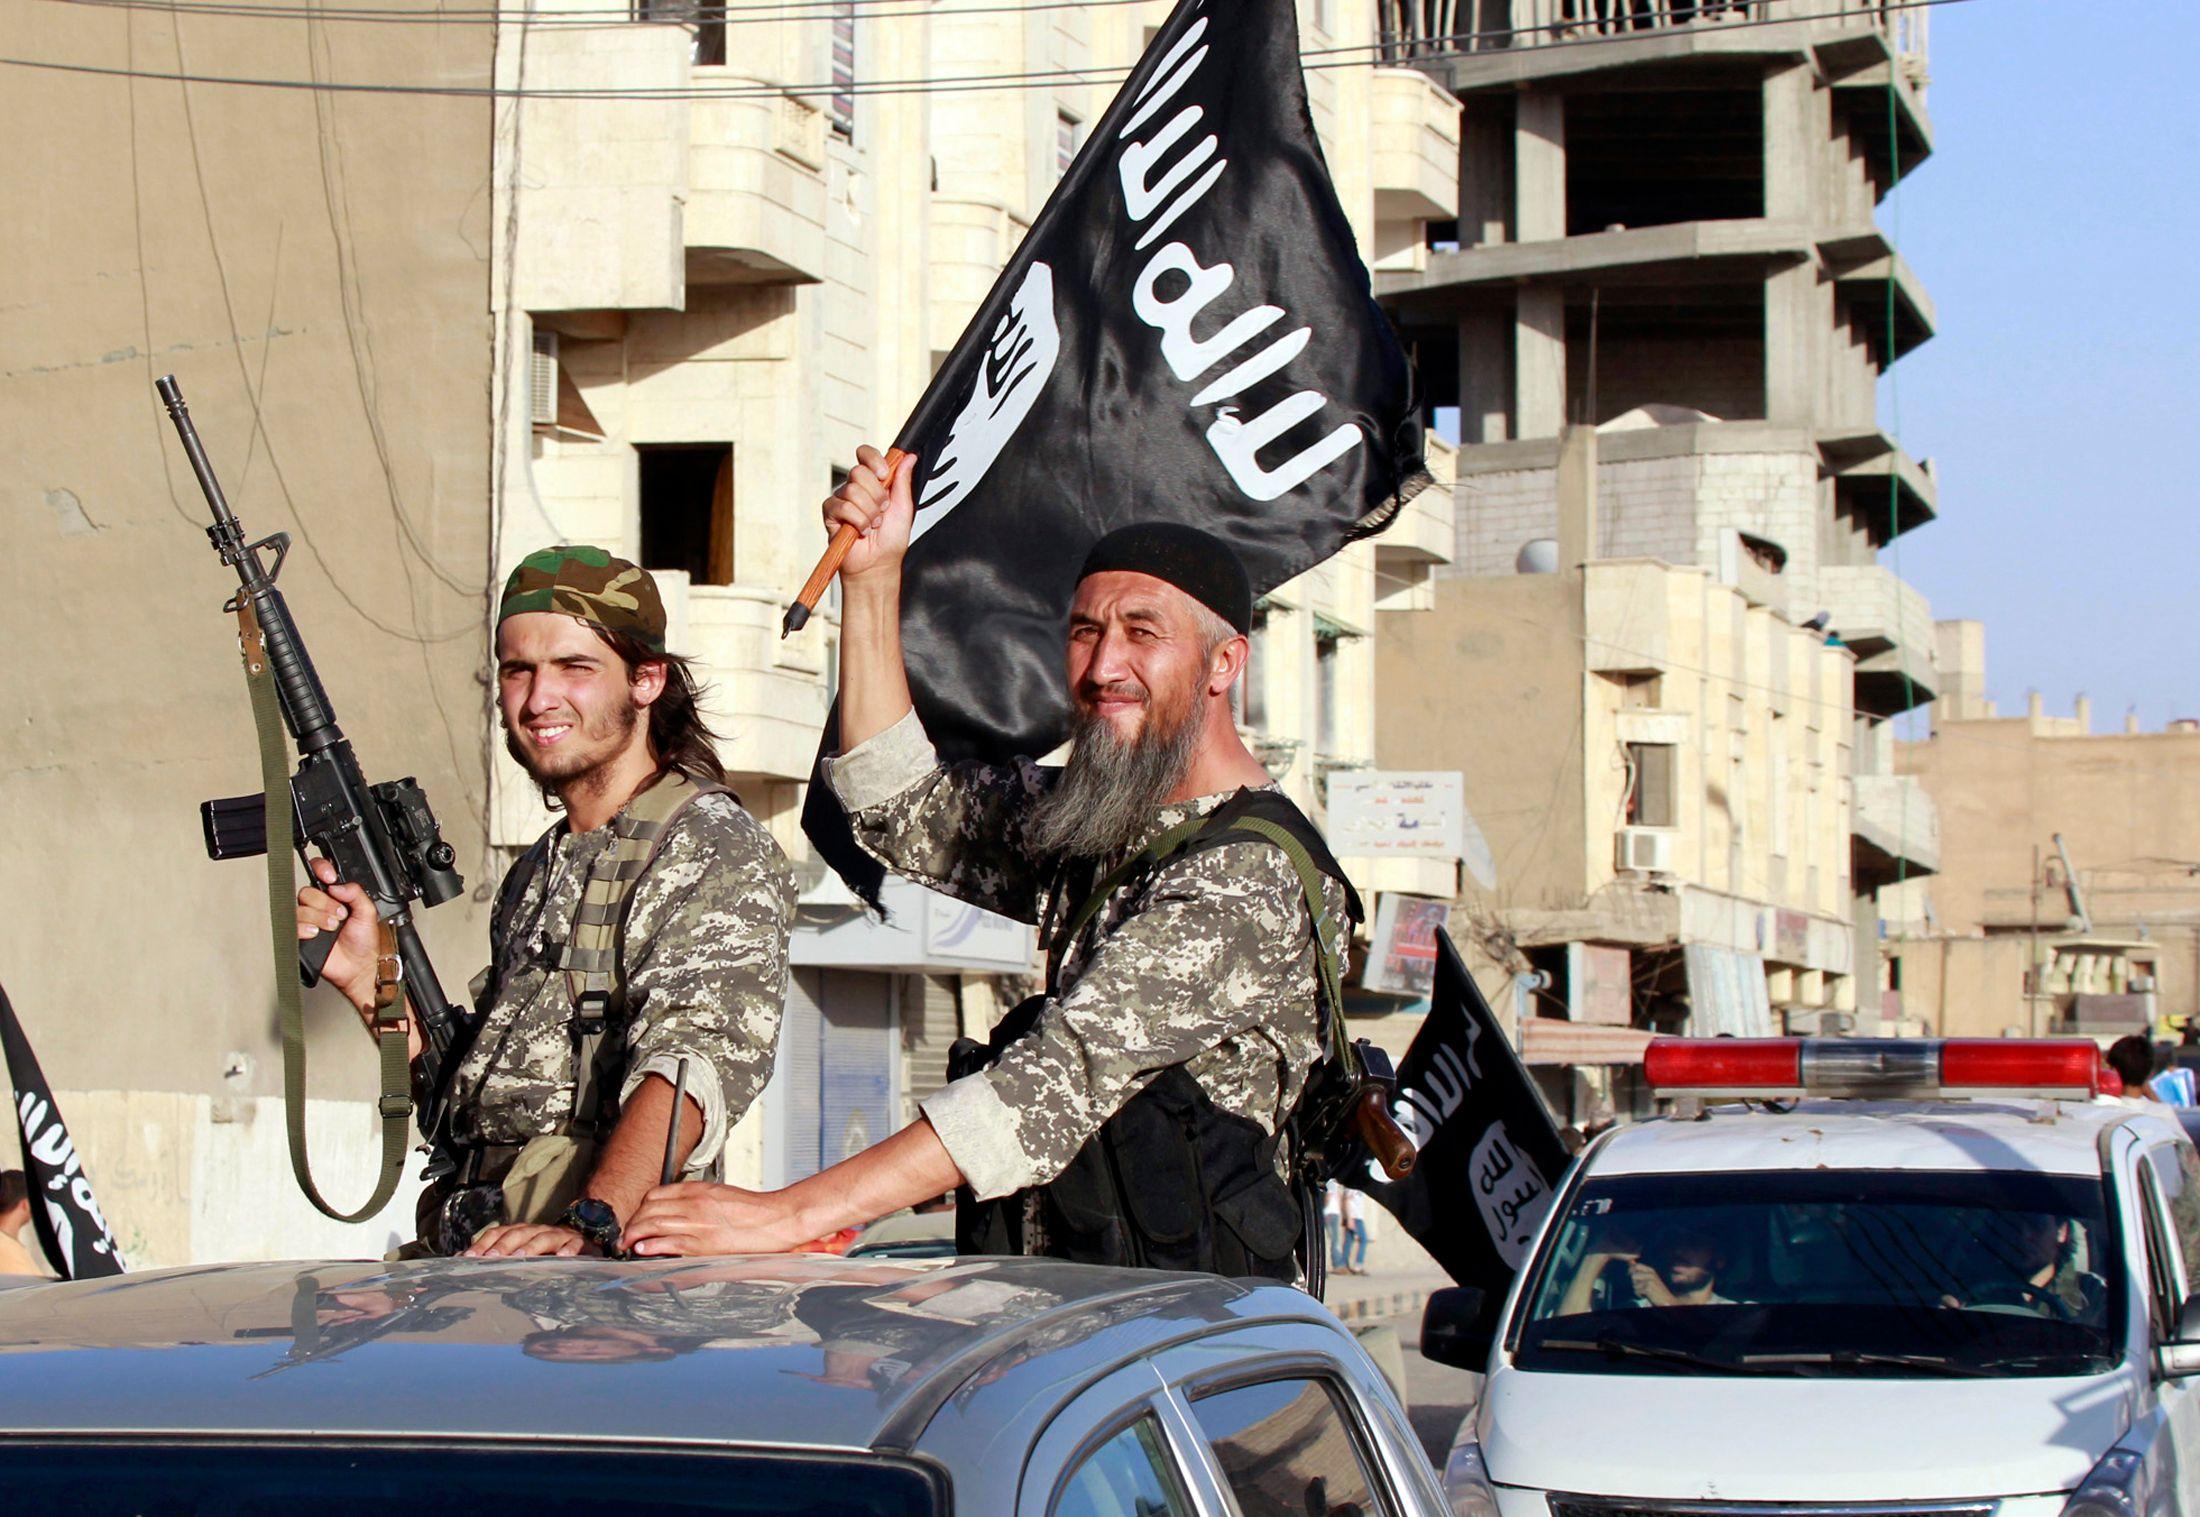 La fin de l'Etat islamique, mauvaise nouvelle pour le Sahel